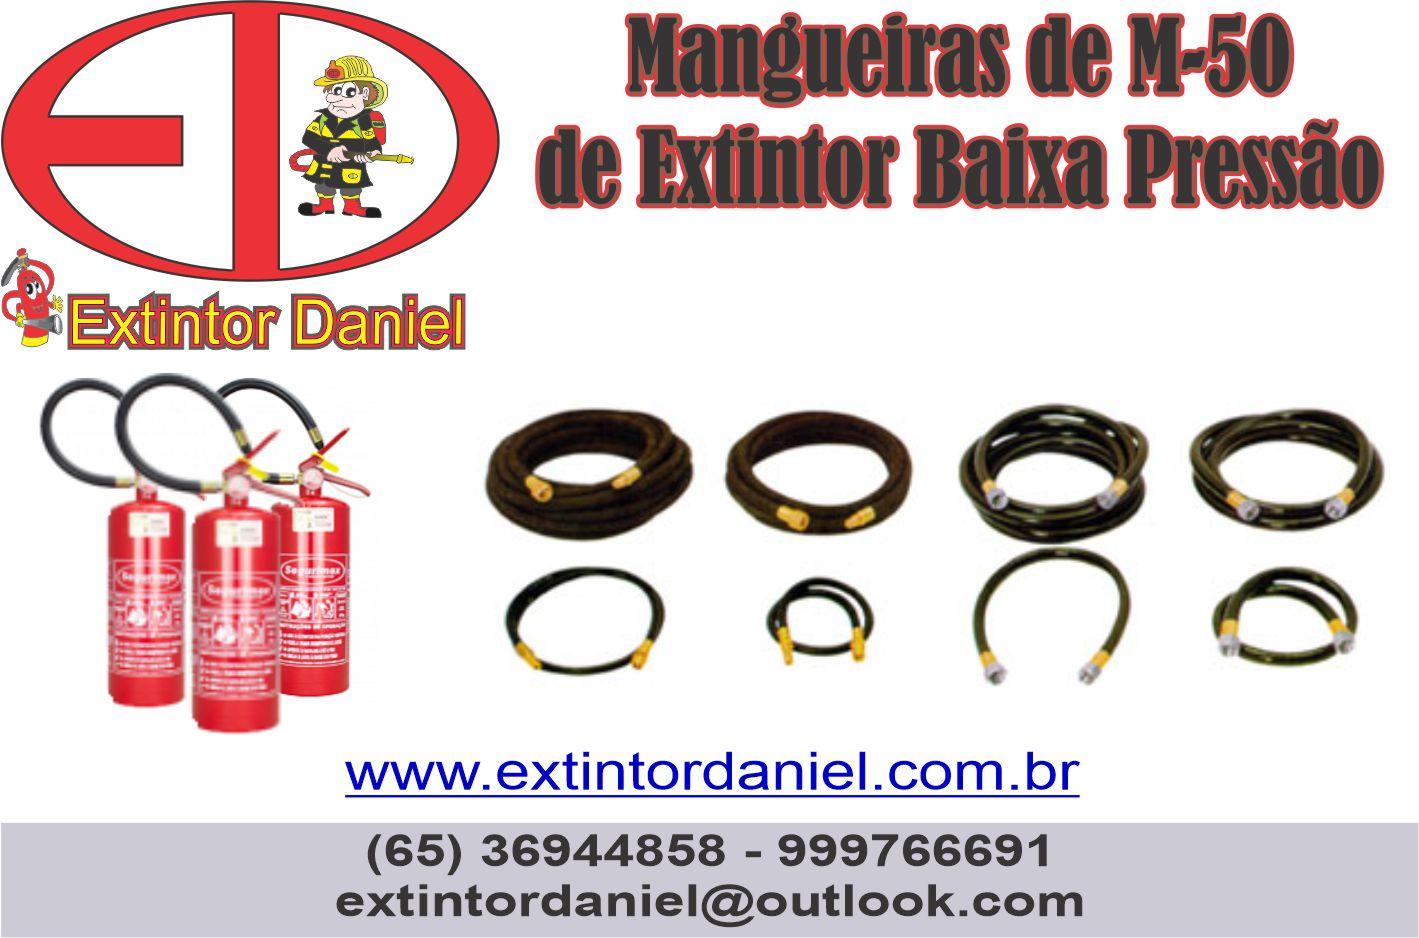 https://0201.nccdn.net/1_2/000/000/199/74f/mangueira-m50.jpg